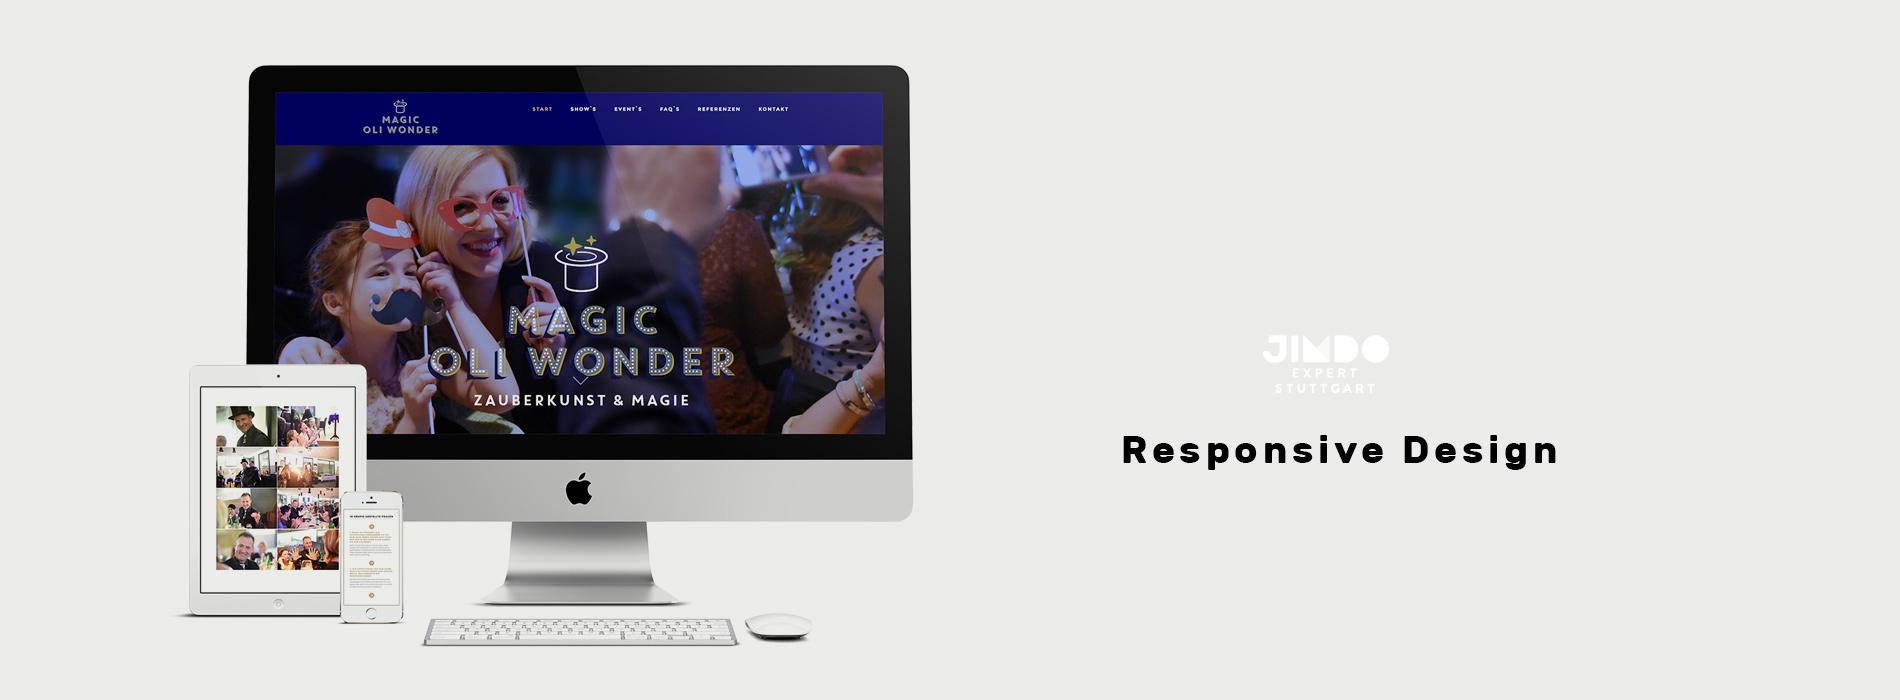 Jimdo Expert Stuttgart - Webdesign, Logo, SEO Pro - Peter Scheerer